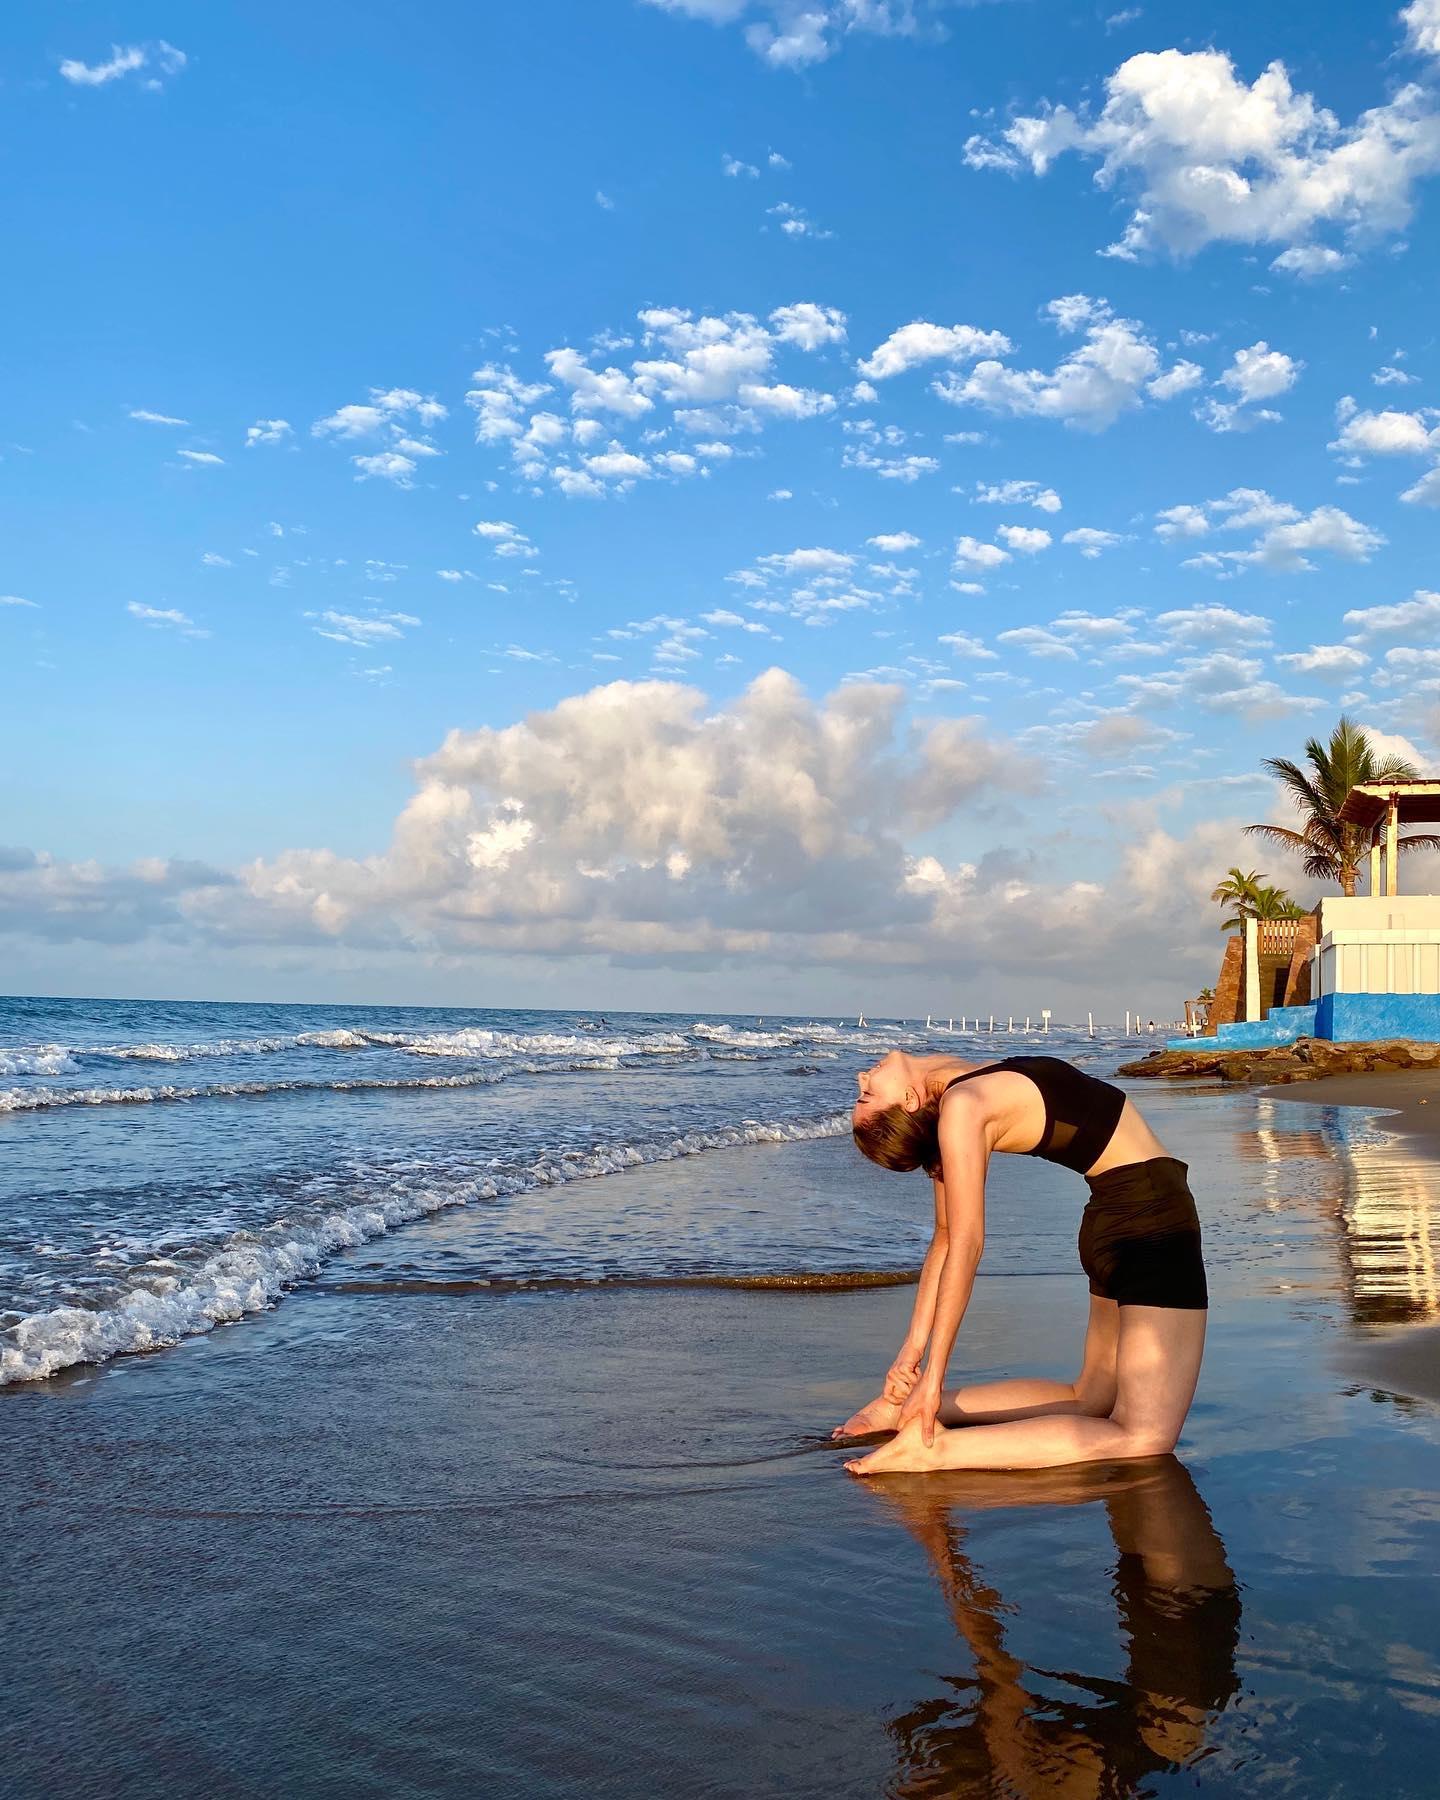 Postura de yoga al lado del mar